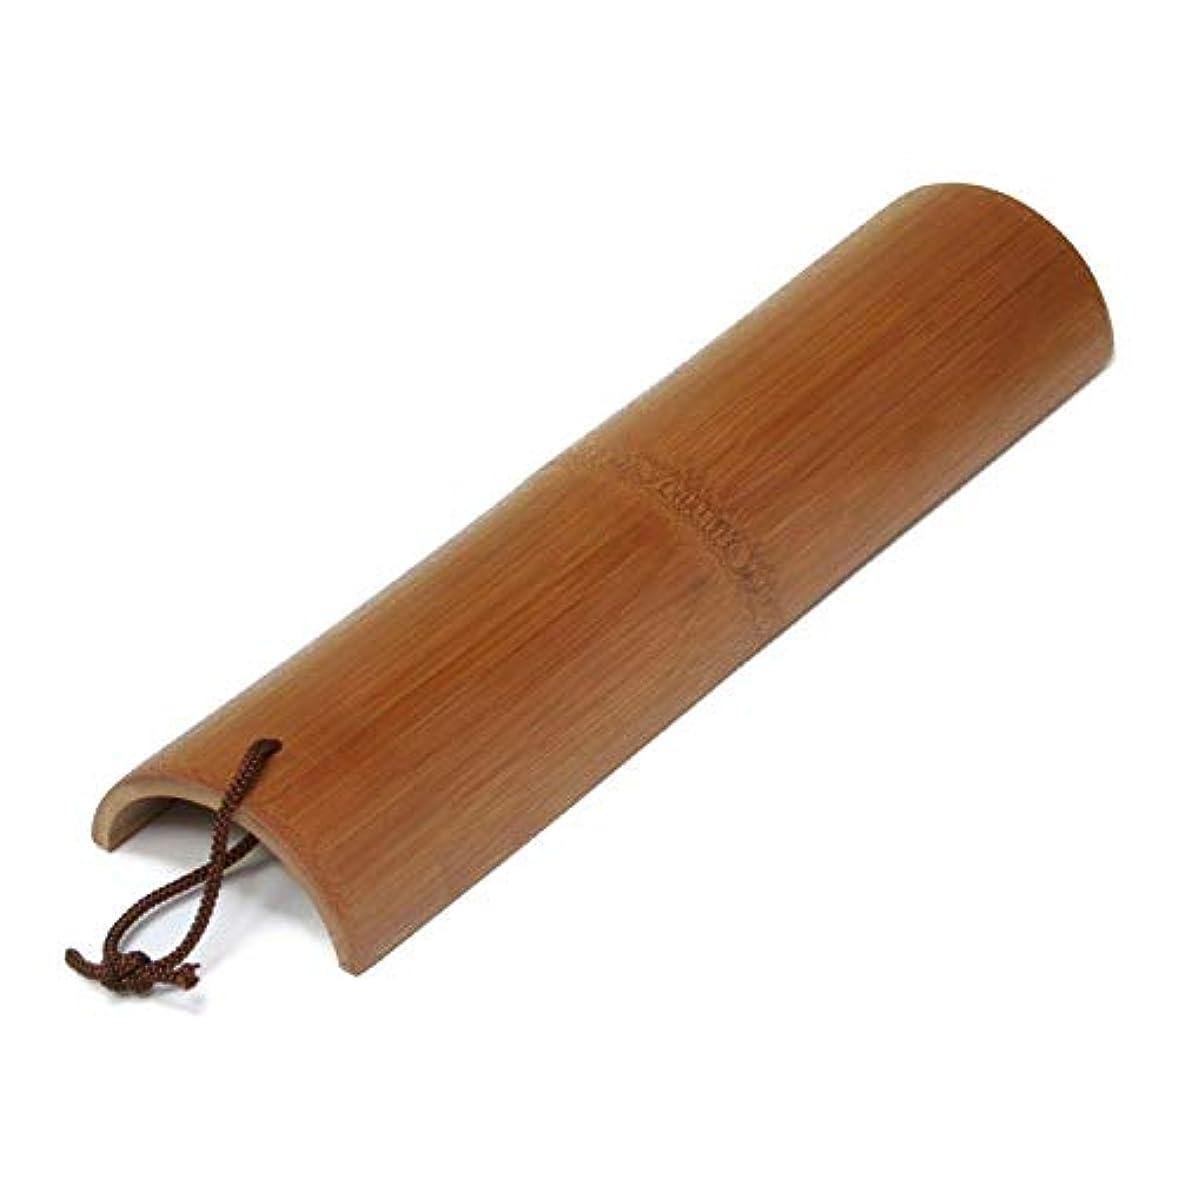 コールド知覚するしないでください炭化竹製「大判?踏み竹」 「竹の本場?大分県」よりお届けします